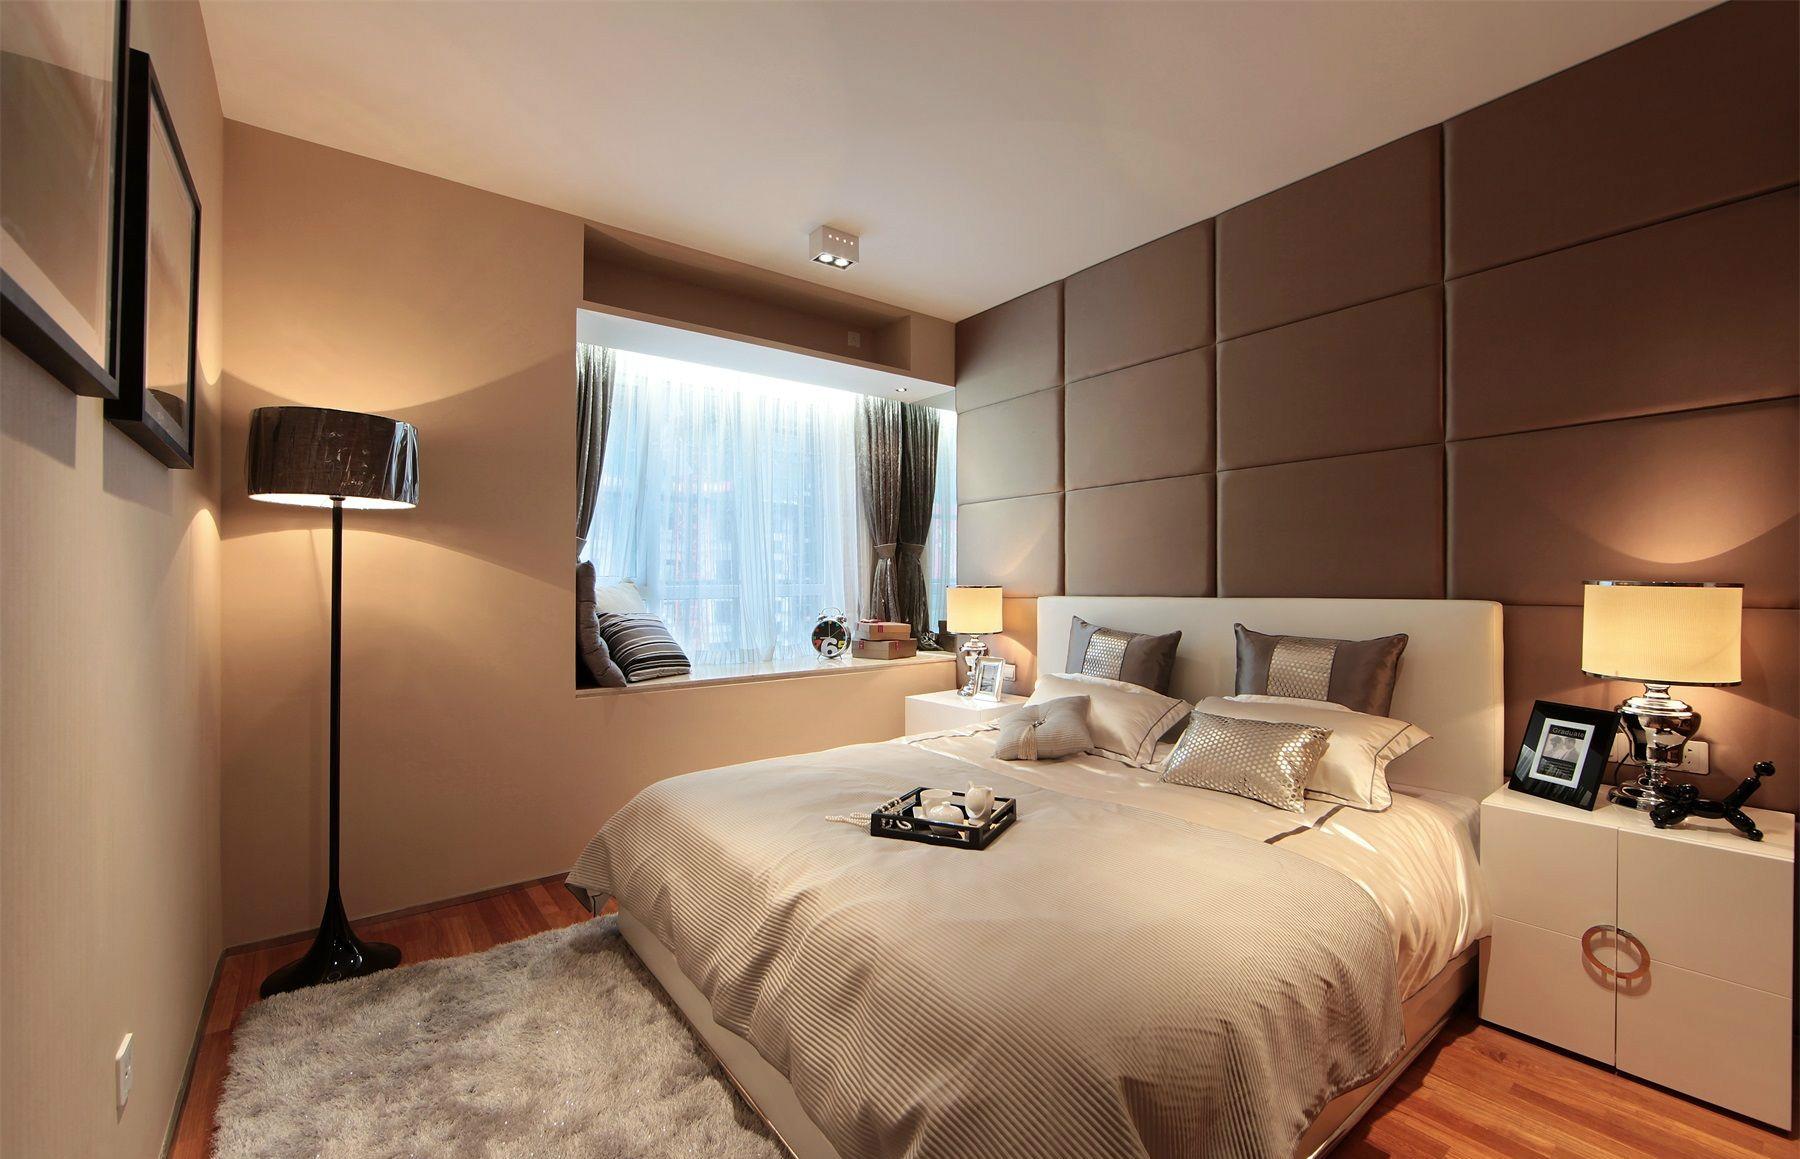 次卧床头背景墙的设计一种清新爽朗之感,白色的软包床配上布艺床品的设计,简洁雅致之感